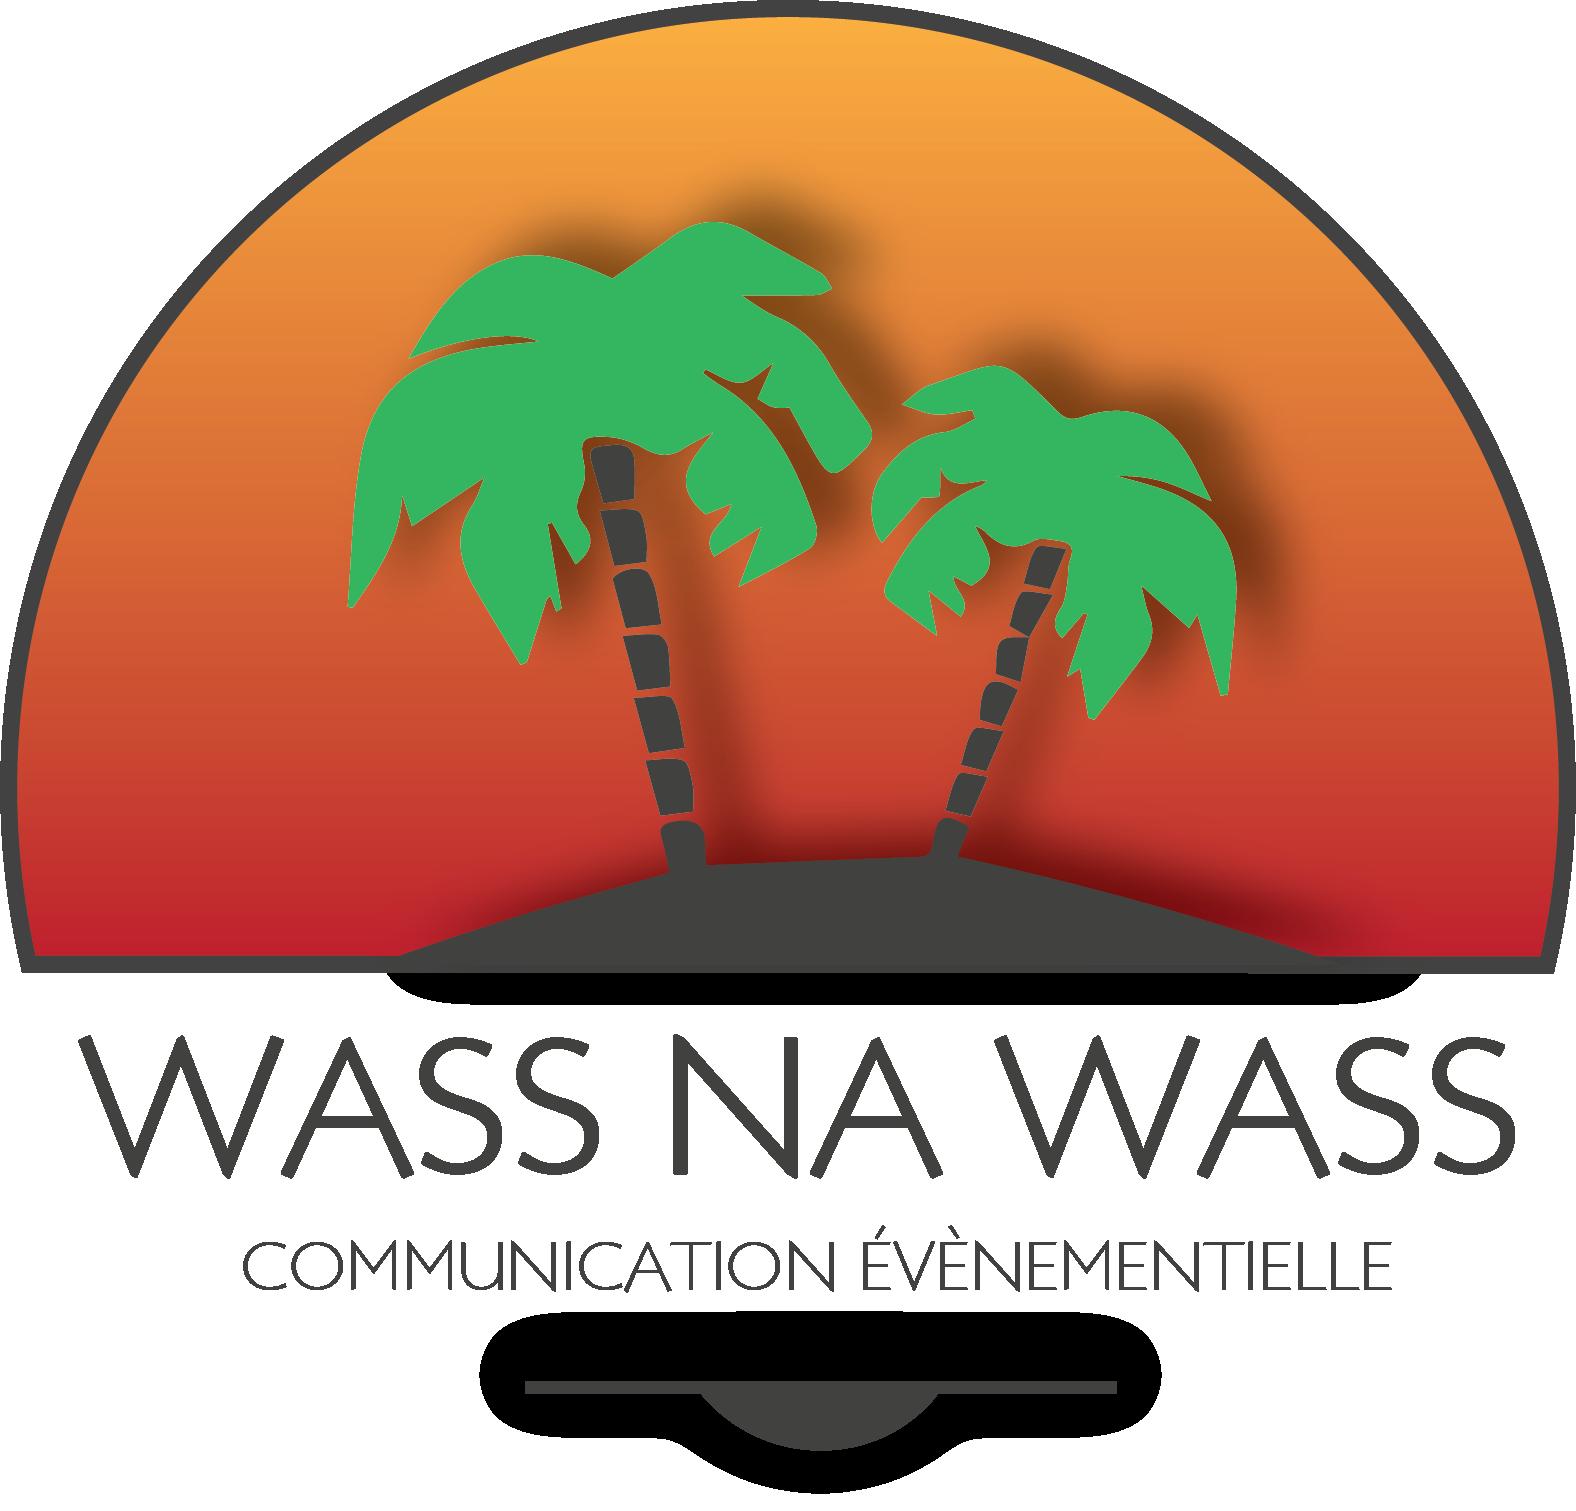 WASSNAWASS COM